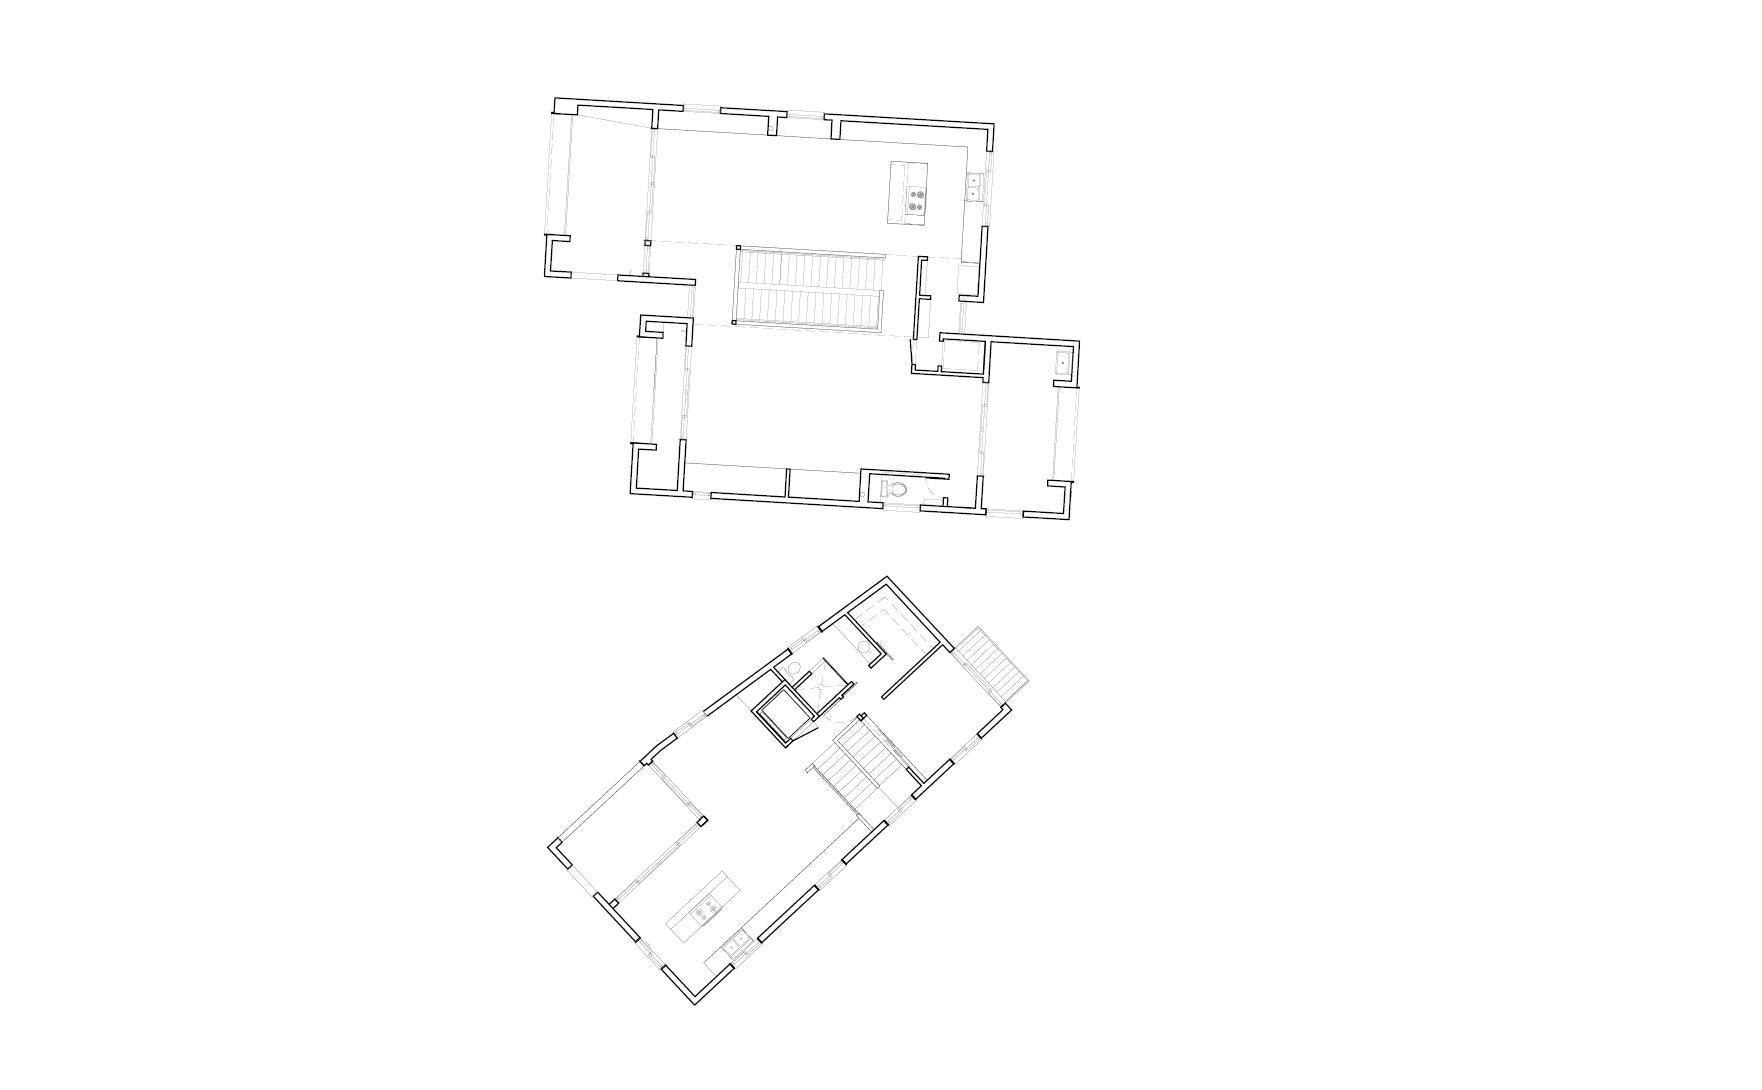 Leake_Floor Plan_3.jpg